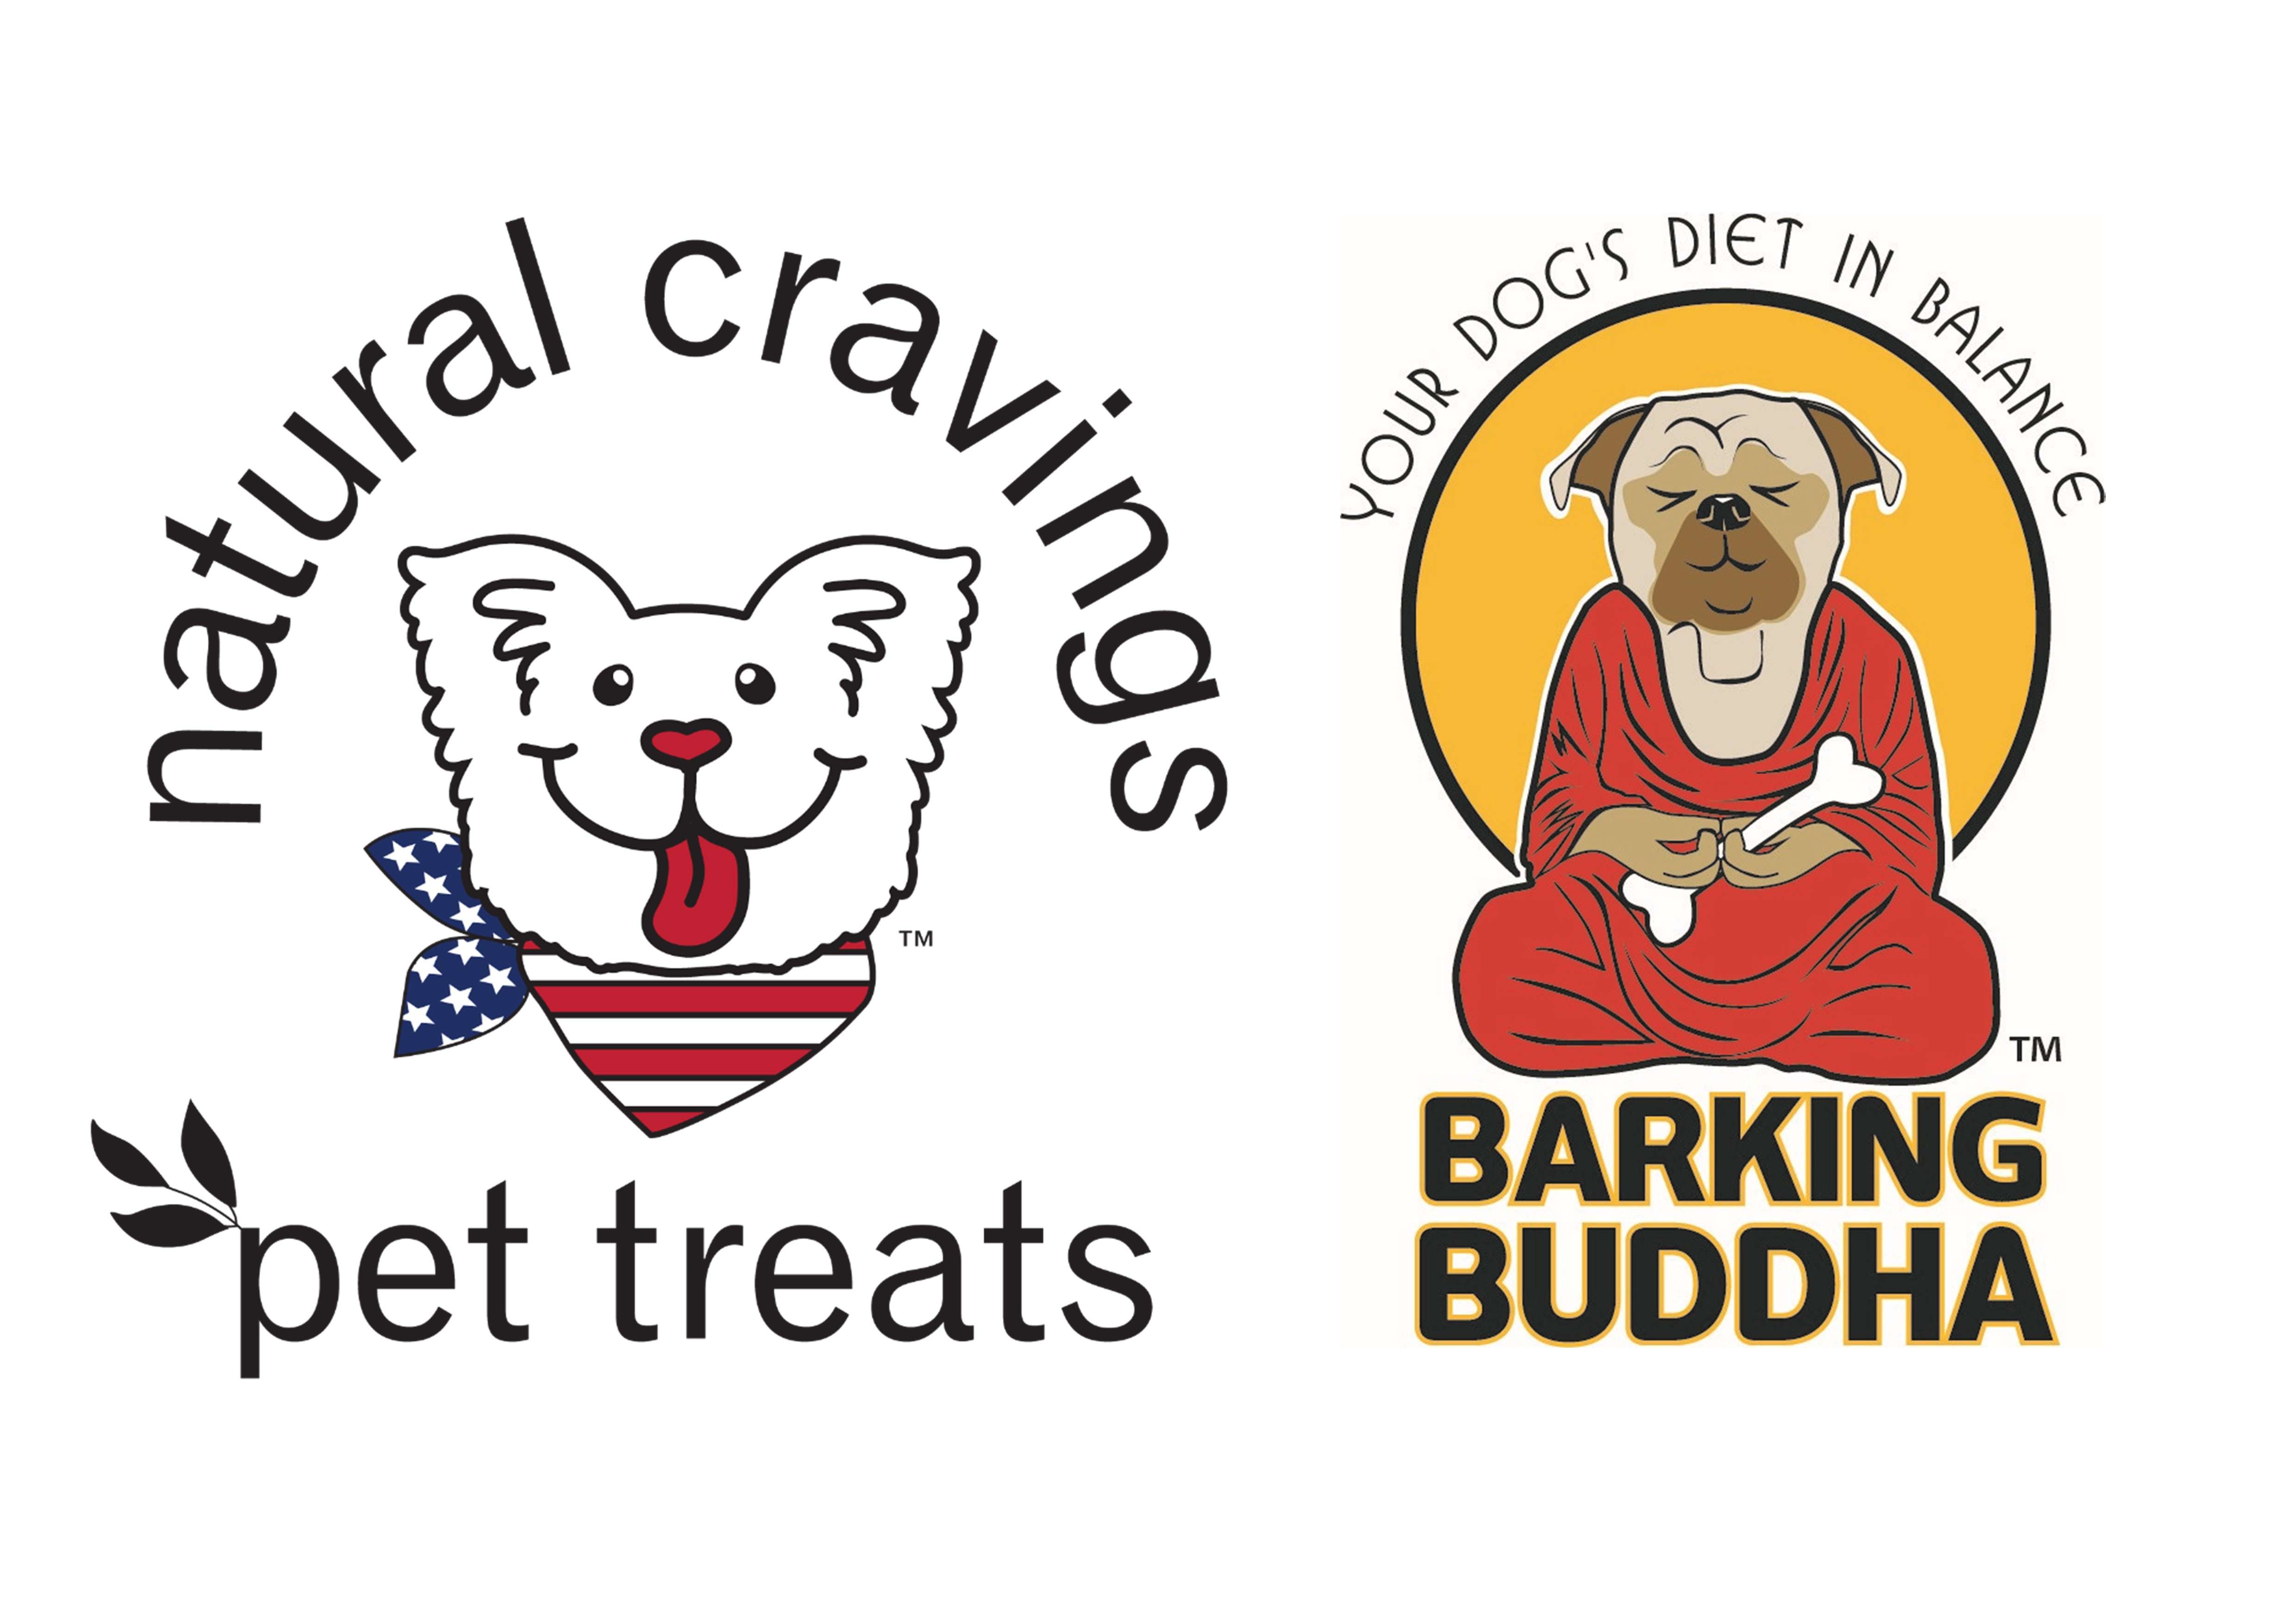 Natural Cravings USA and Barking Buddha Pet